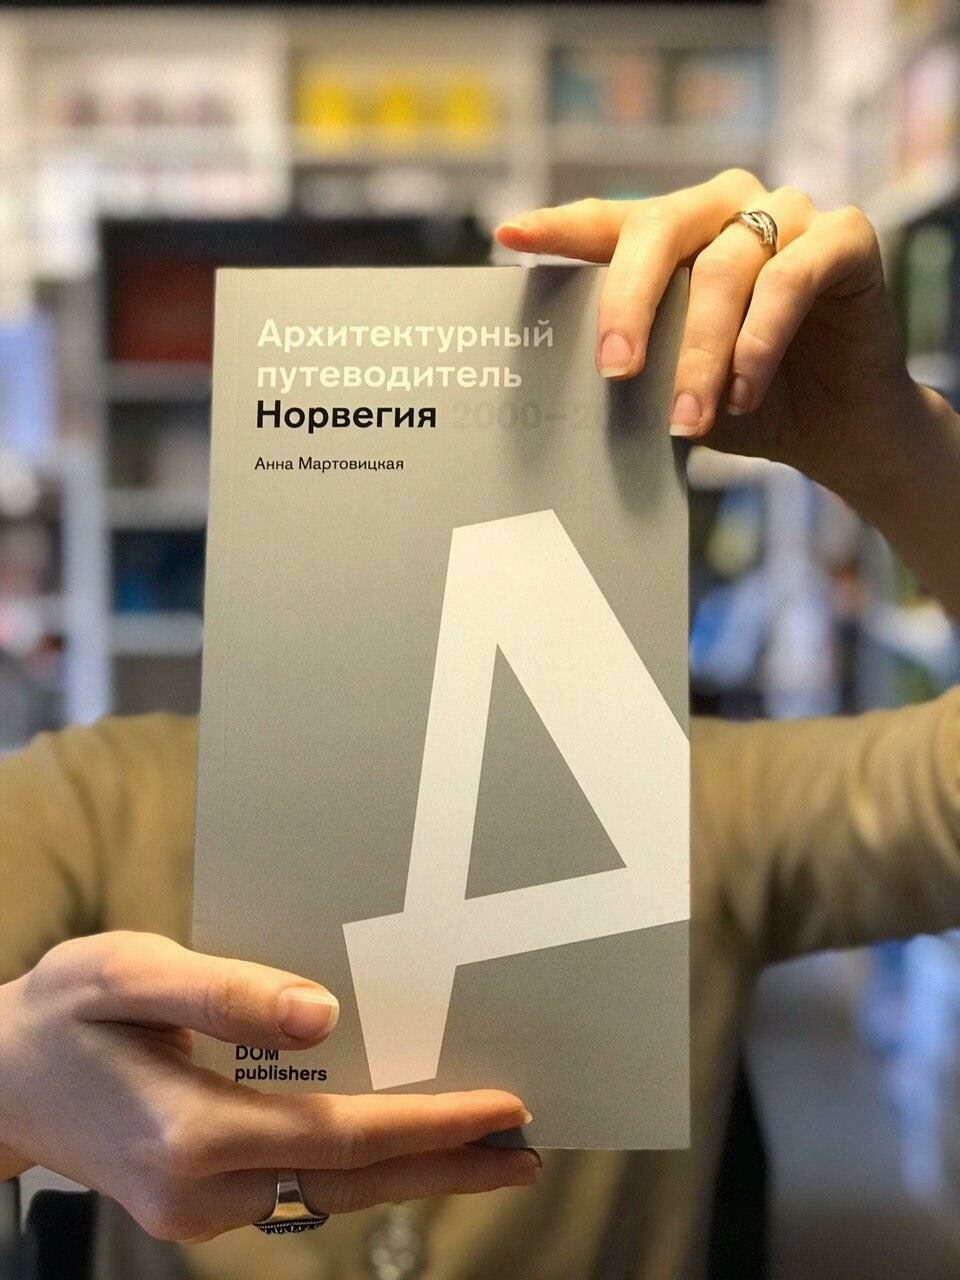 Норвегия 2000-2020. Архитектурный путеводитель (русский)